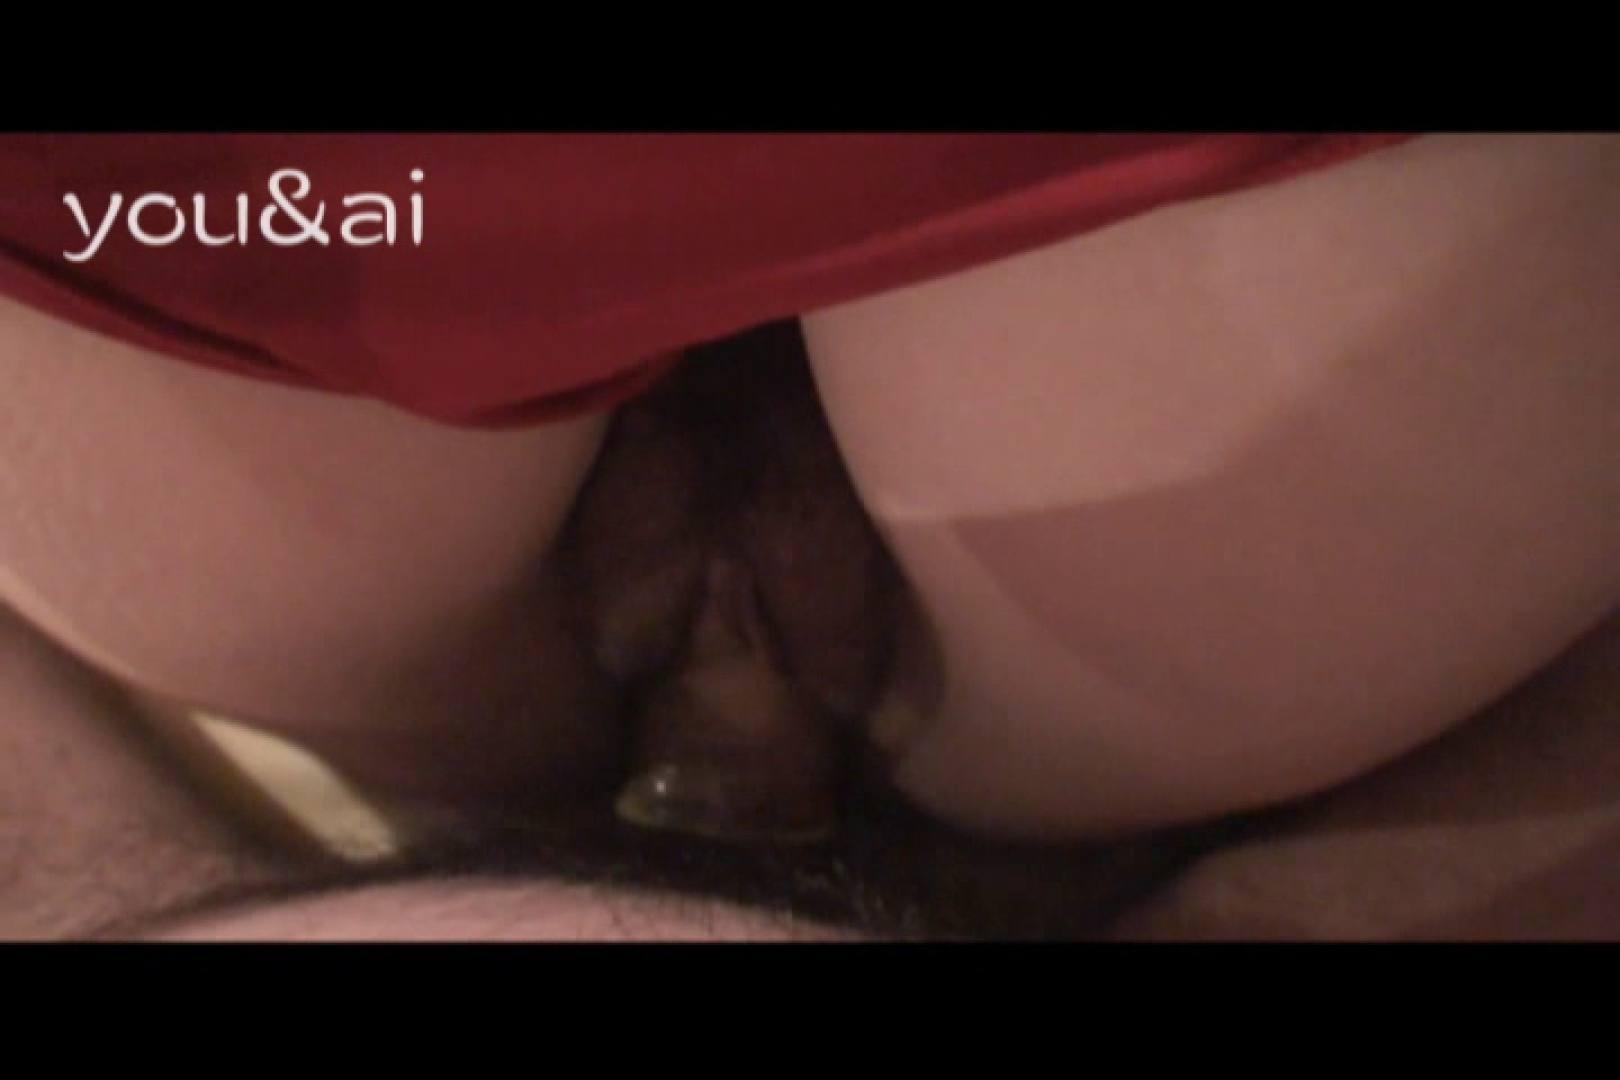 おしどり夫婦のyou&aiさん投稿作品vol.2 一般投稿 セックス無修正動画無料 65pic 11